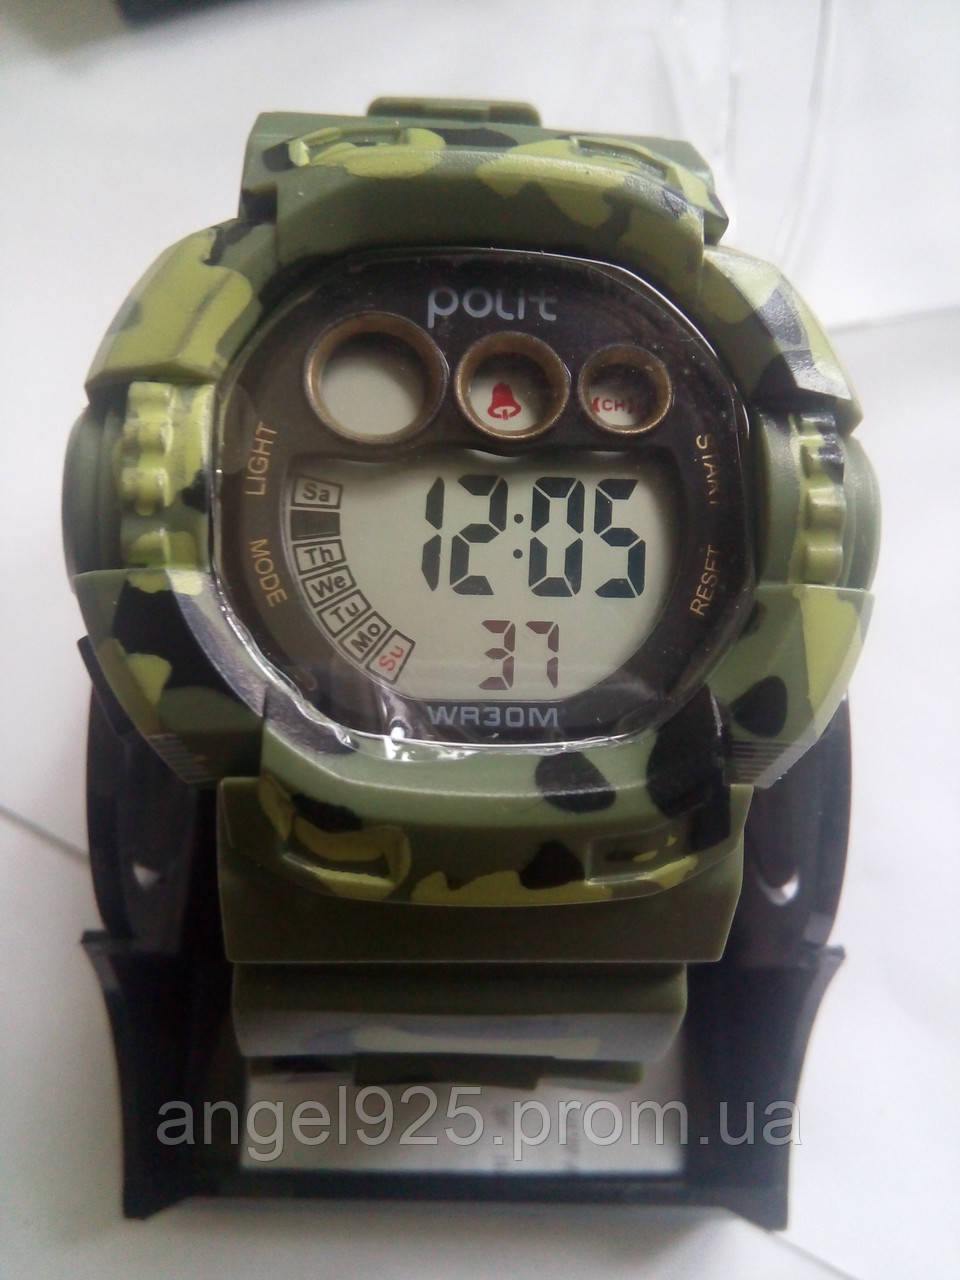 Водонепроницаемые часы купить в интернет магазине купить механизм от часов полет